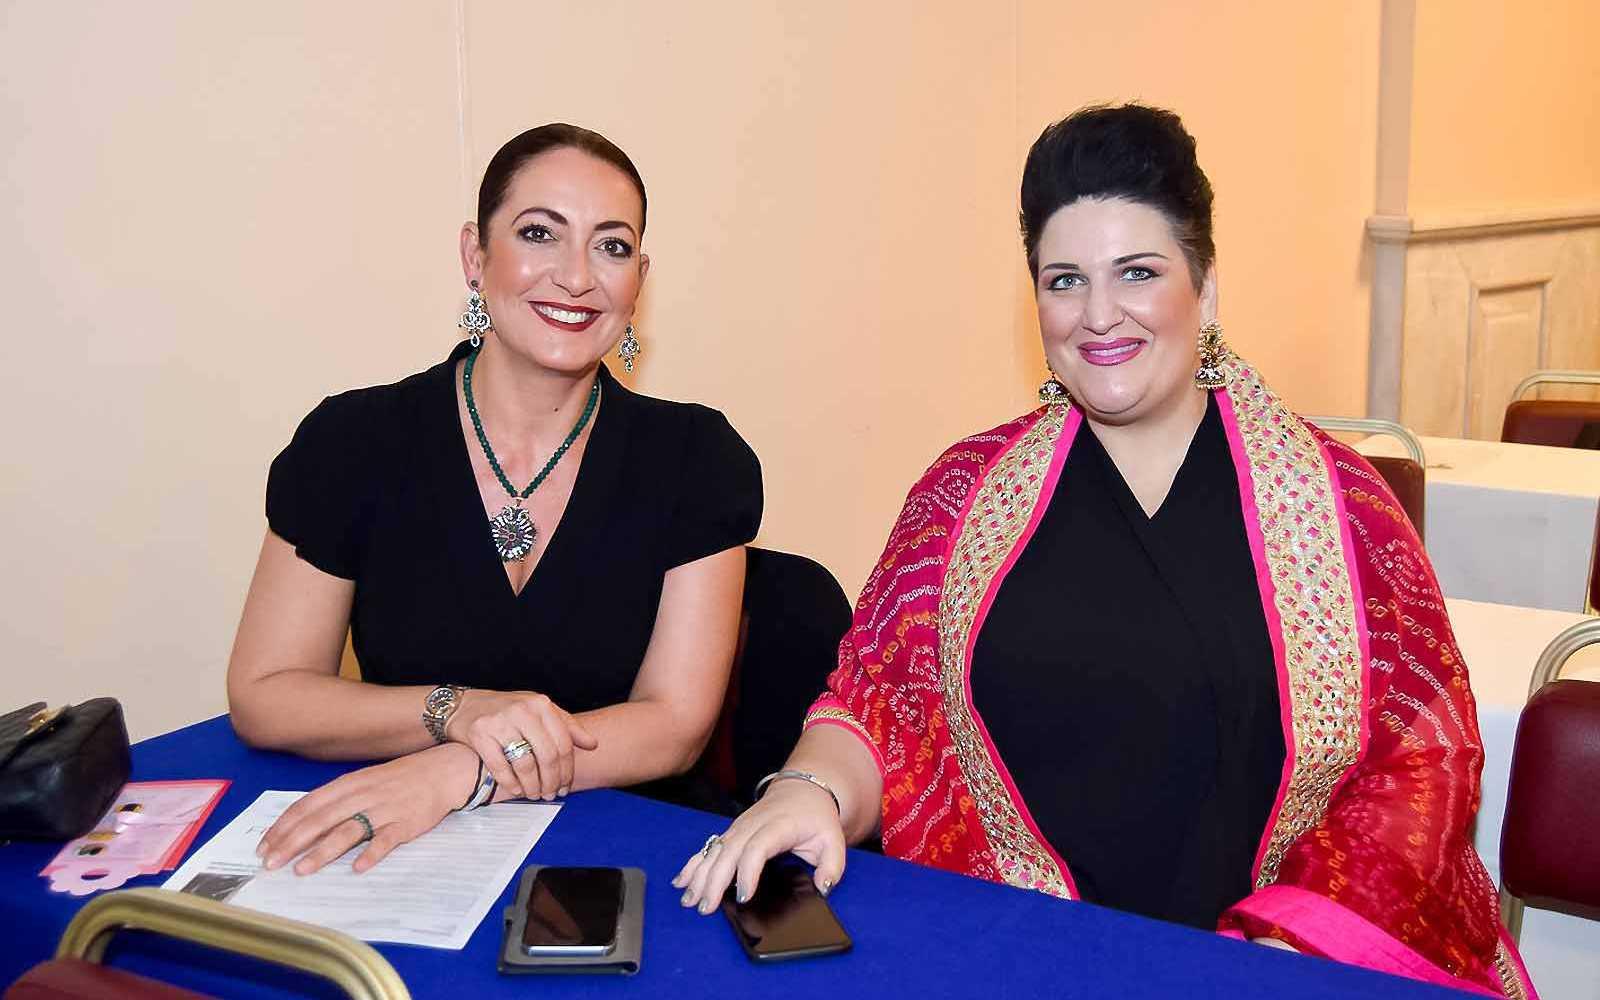 Σύλβια-Αντώναρου-Άννα-Μαρία-Ρογδάκη,-πρόεδρος-Ε.ΓΥ.ΠΑ.